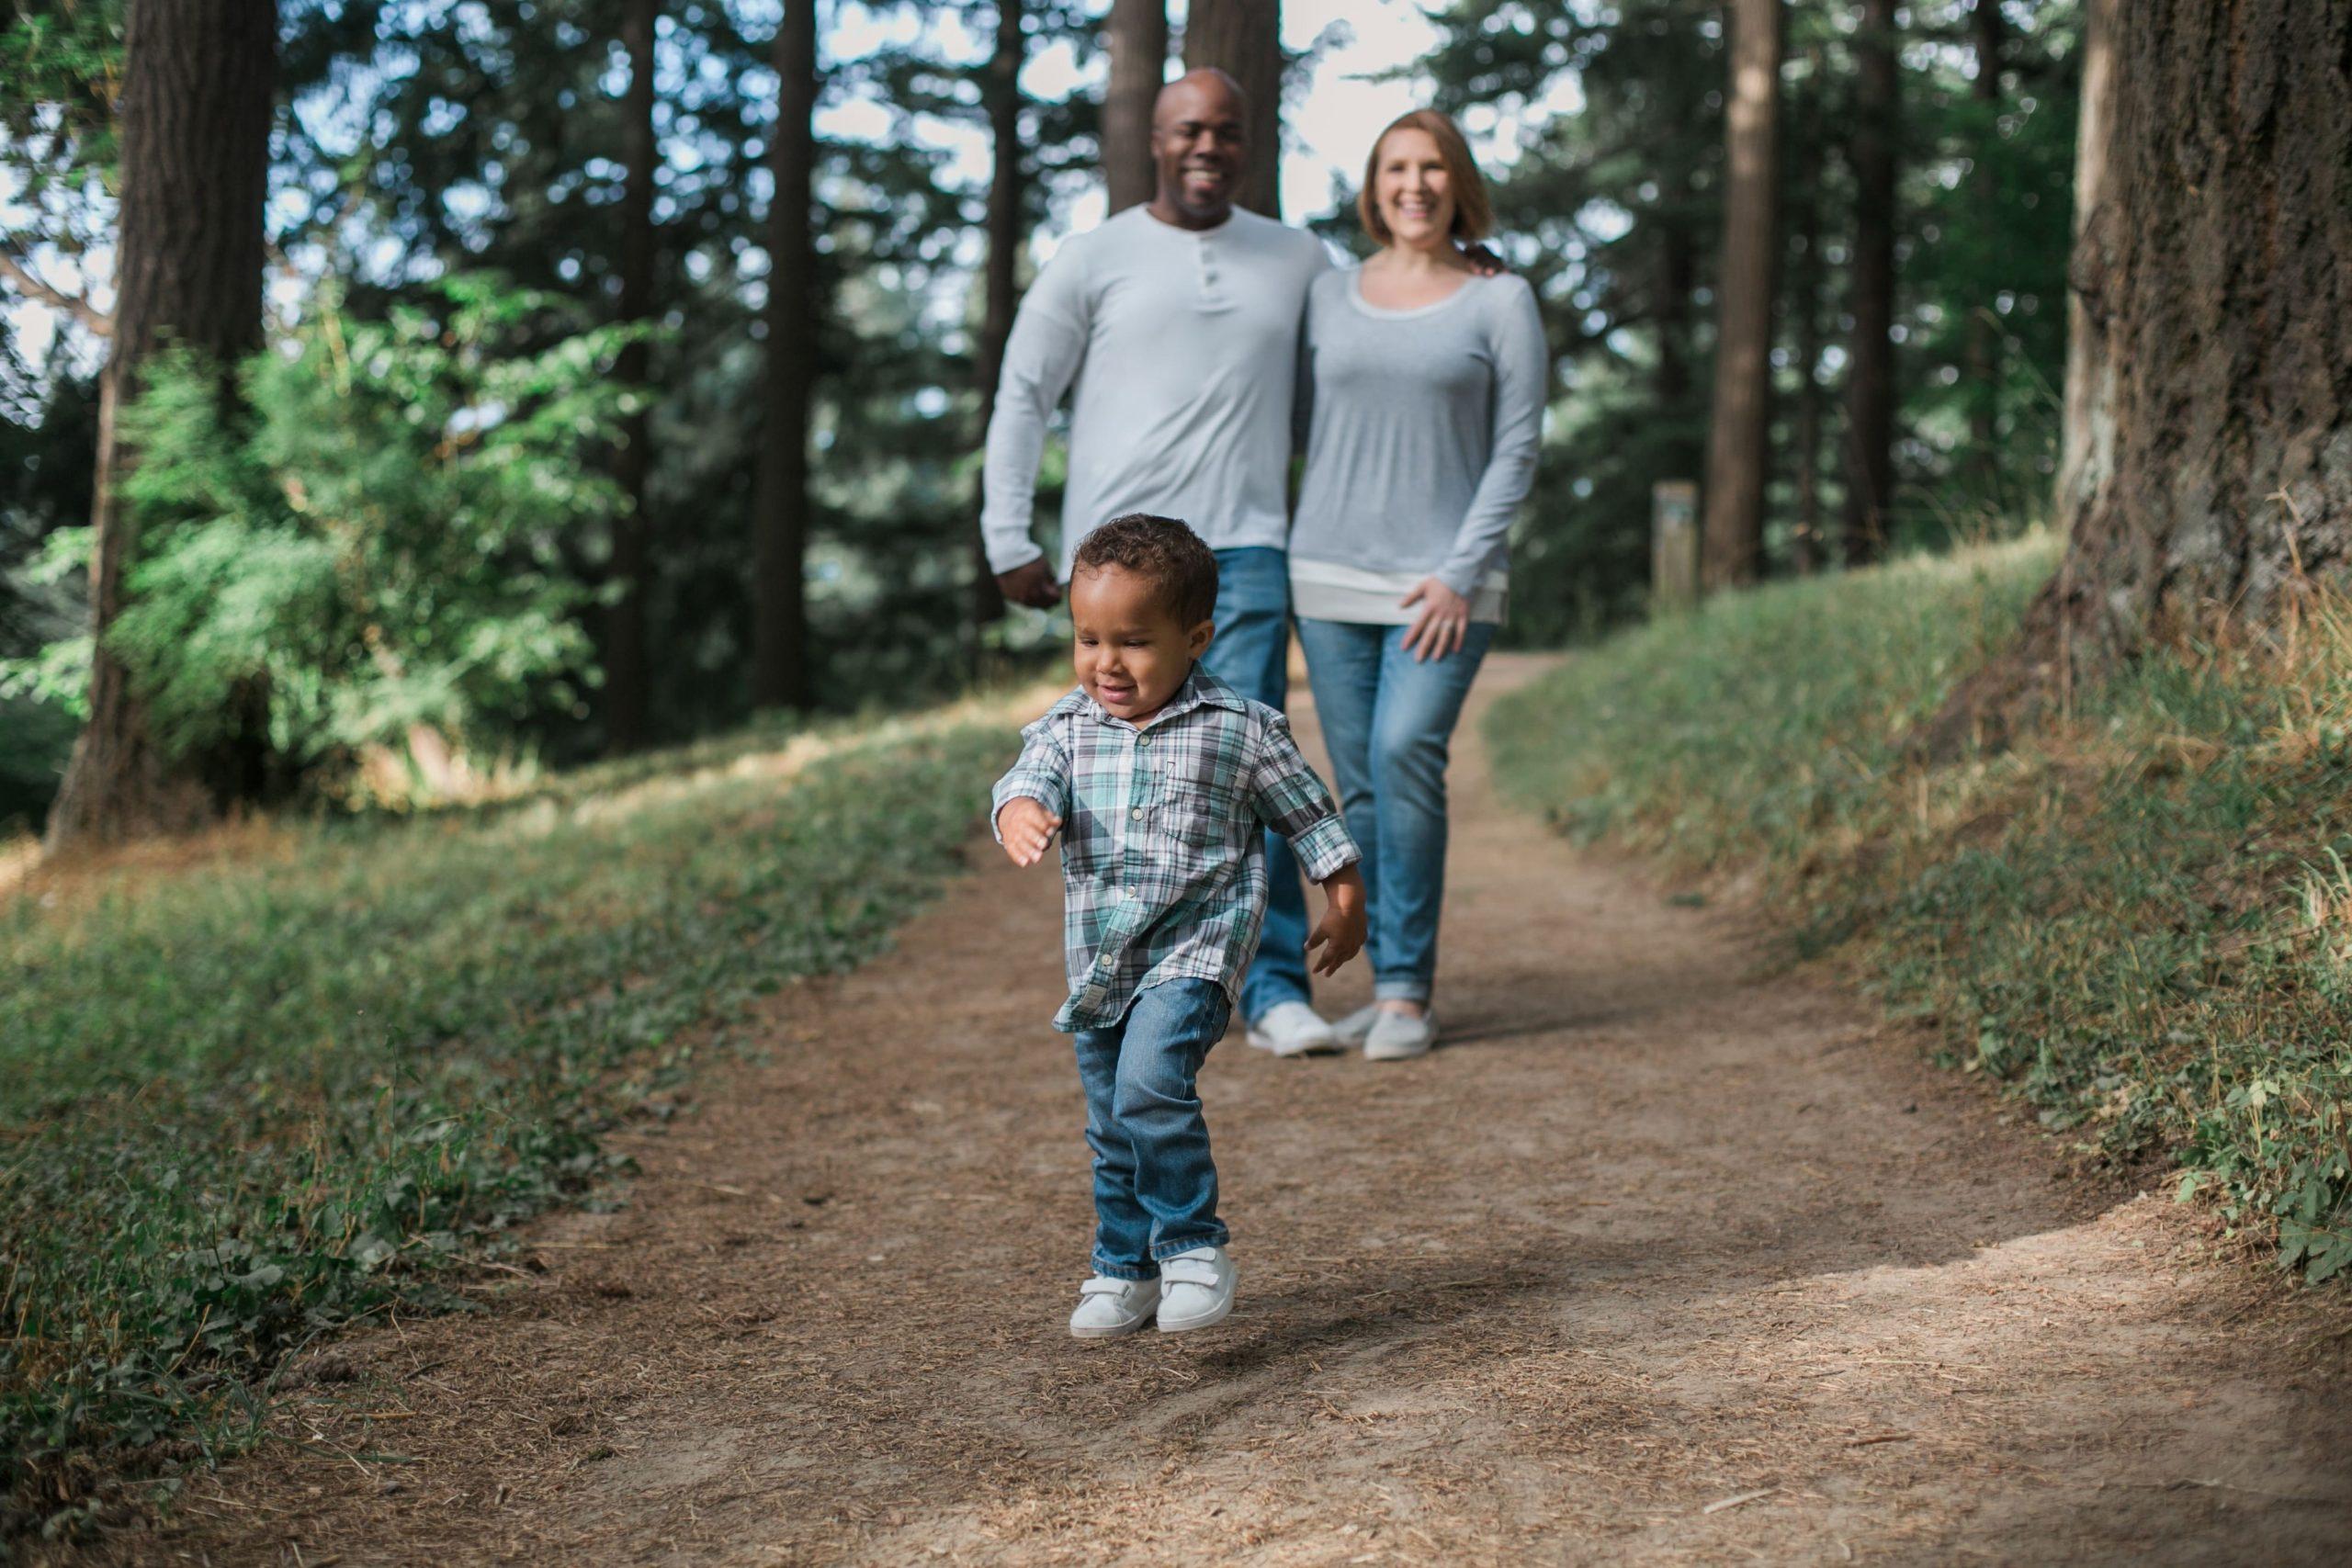 imagem de uma família feliz caminhando em uma trilha um homem uma mulher e uma criança pequena de dois anos todos estão sorrindo ilustrativo texto seguro de vida